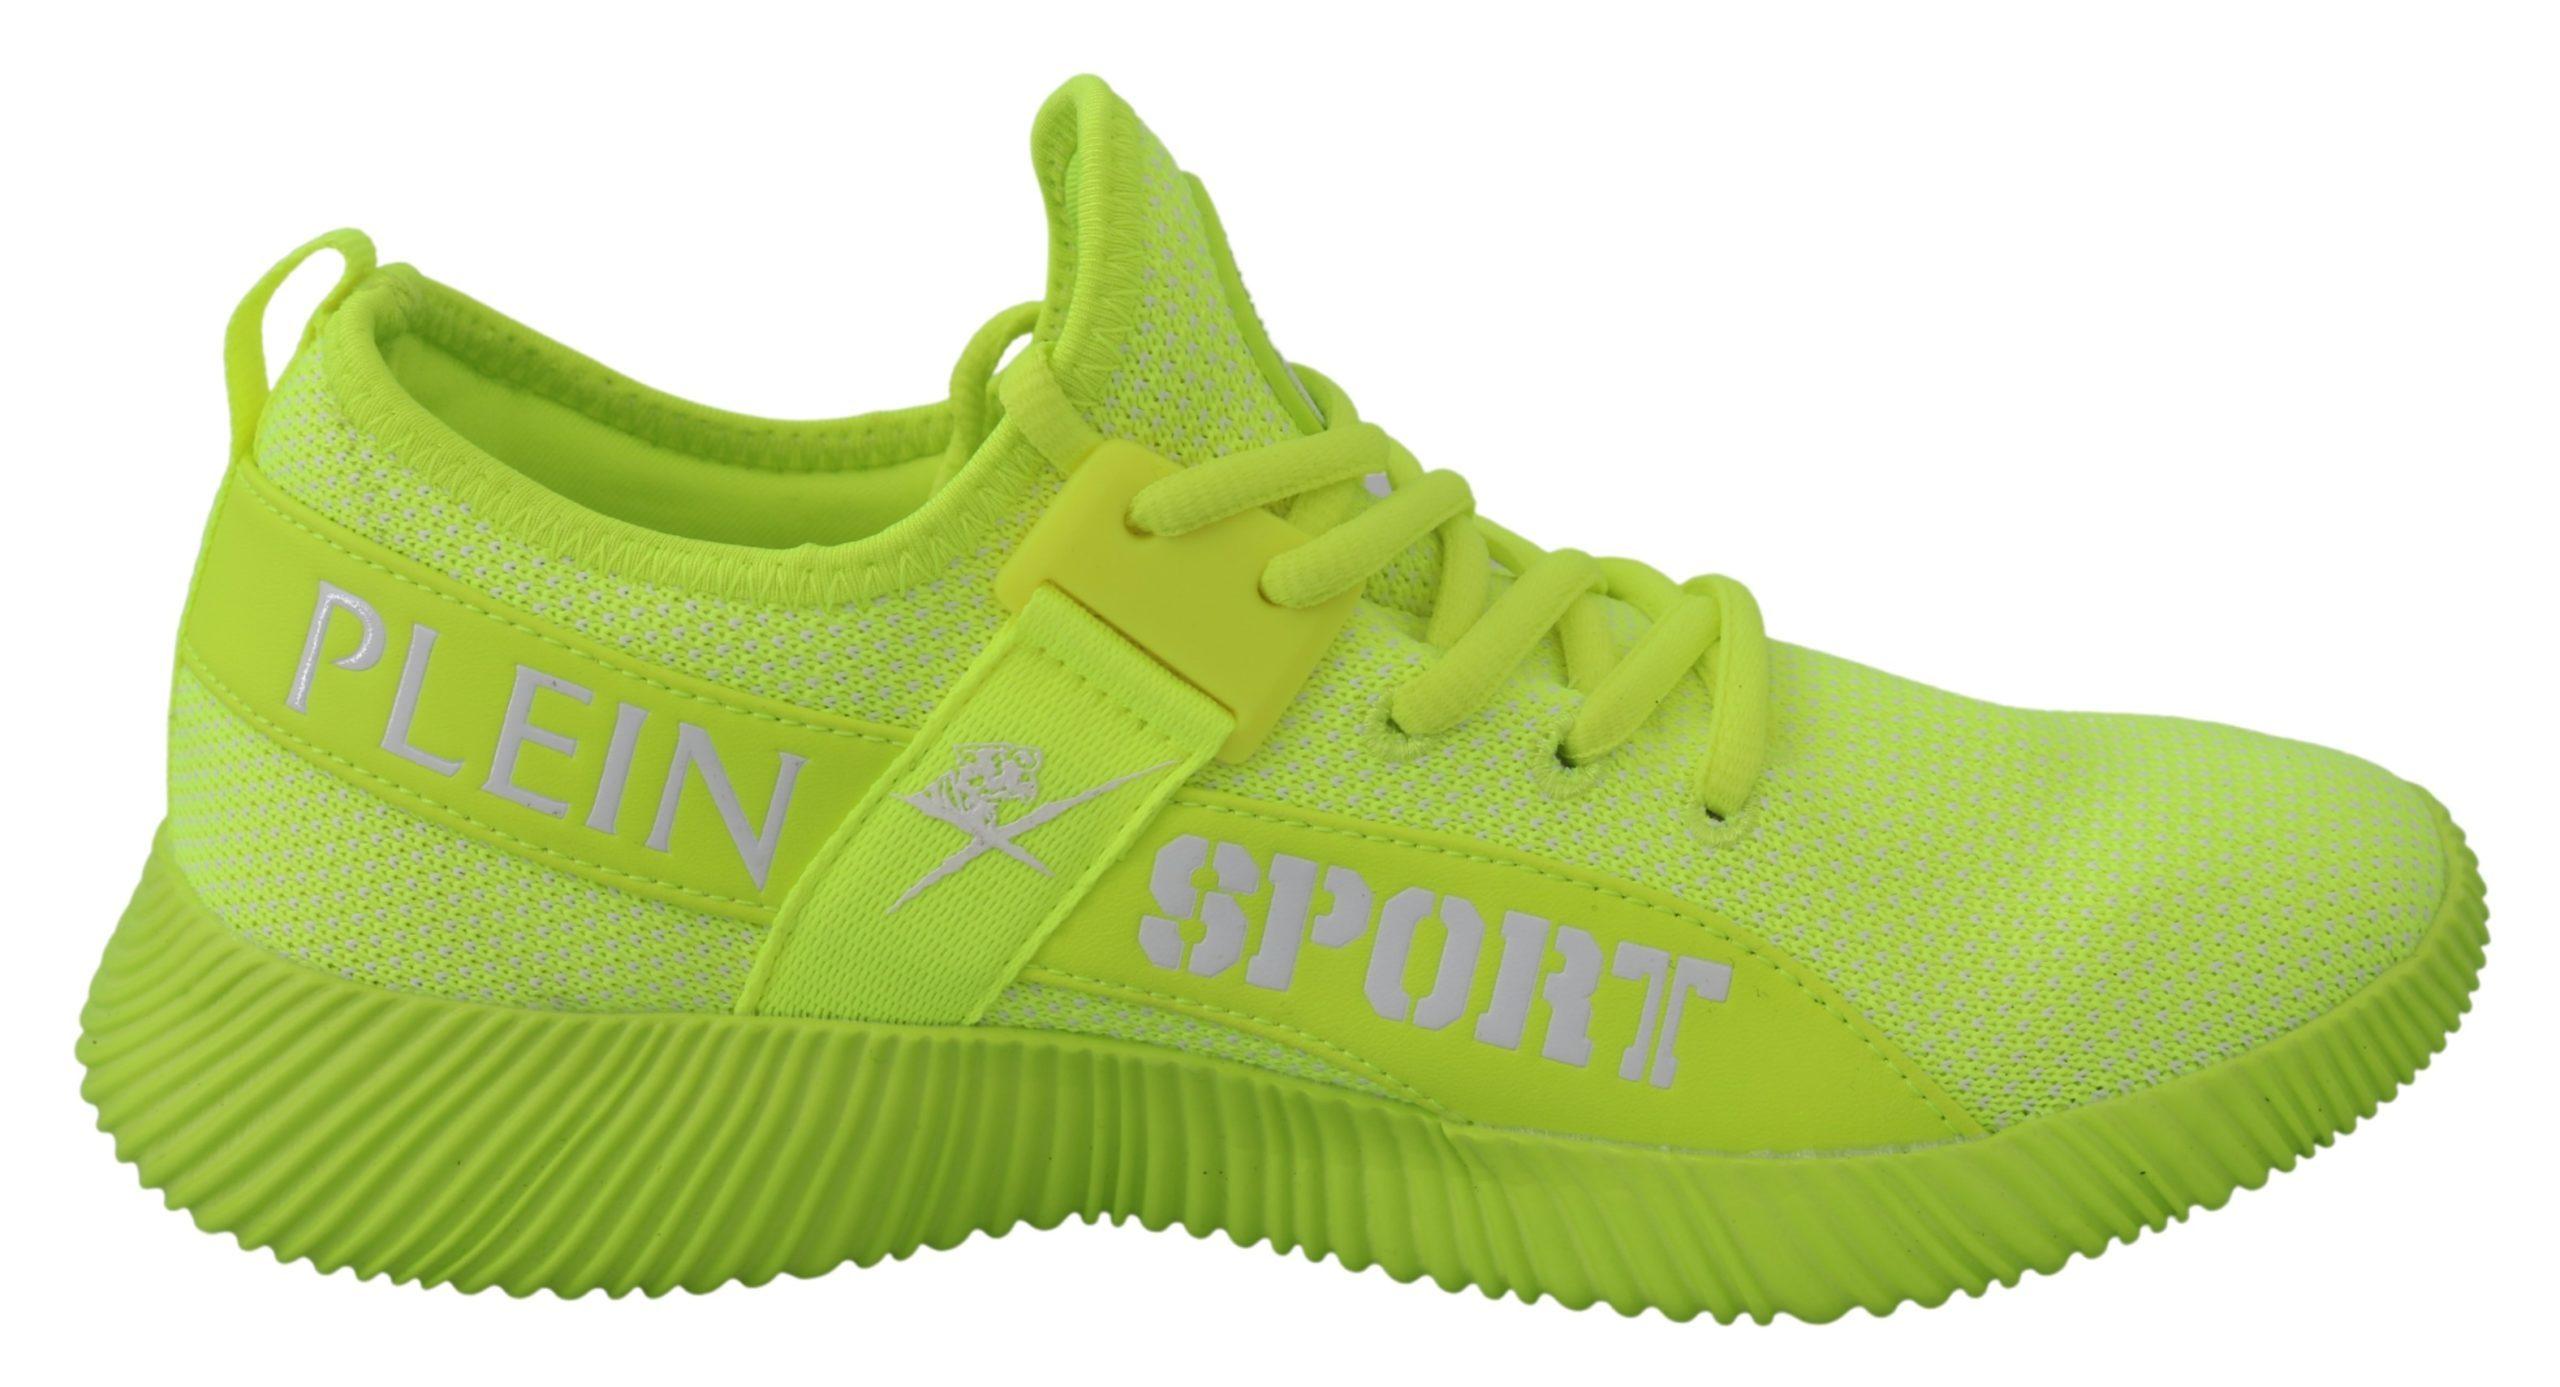 Msc sneakers carter yellow - EU44/US11